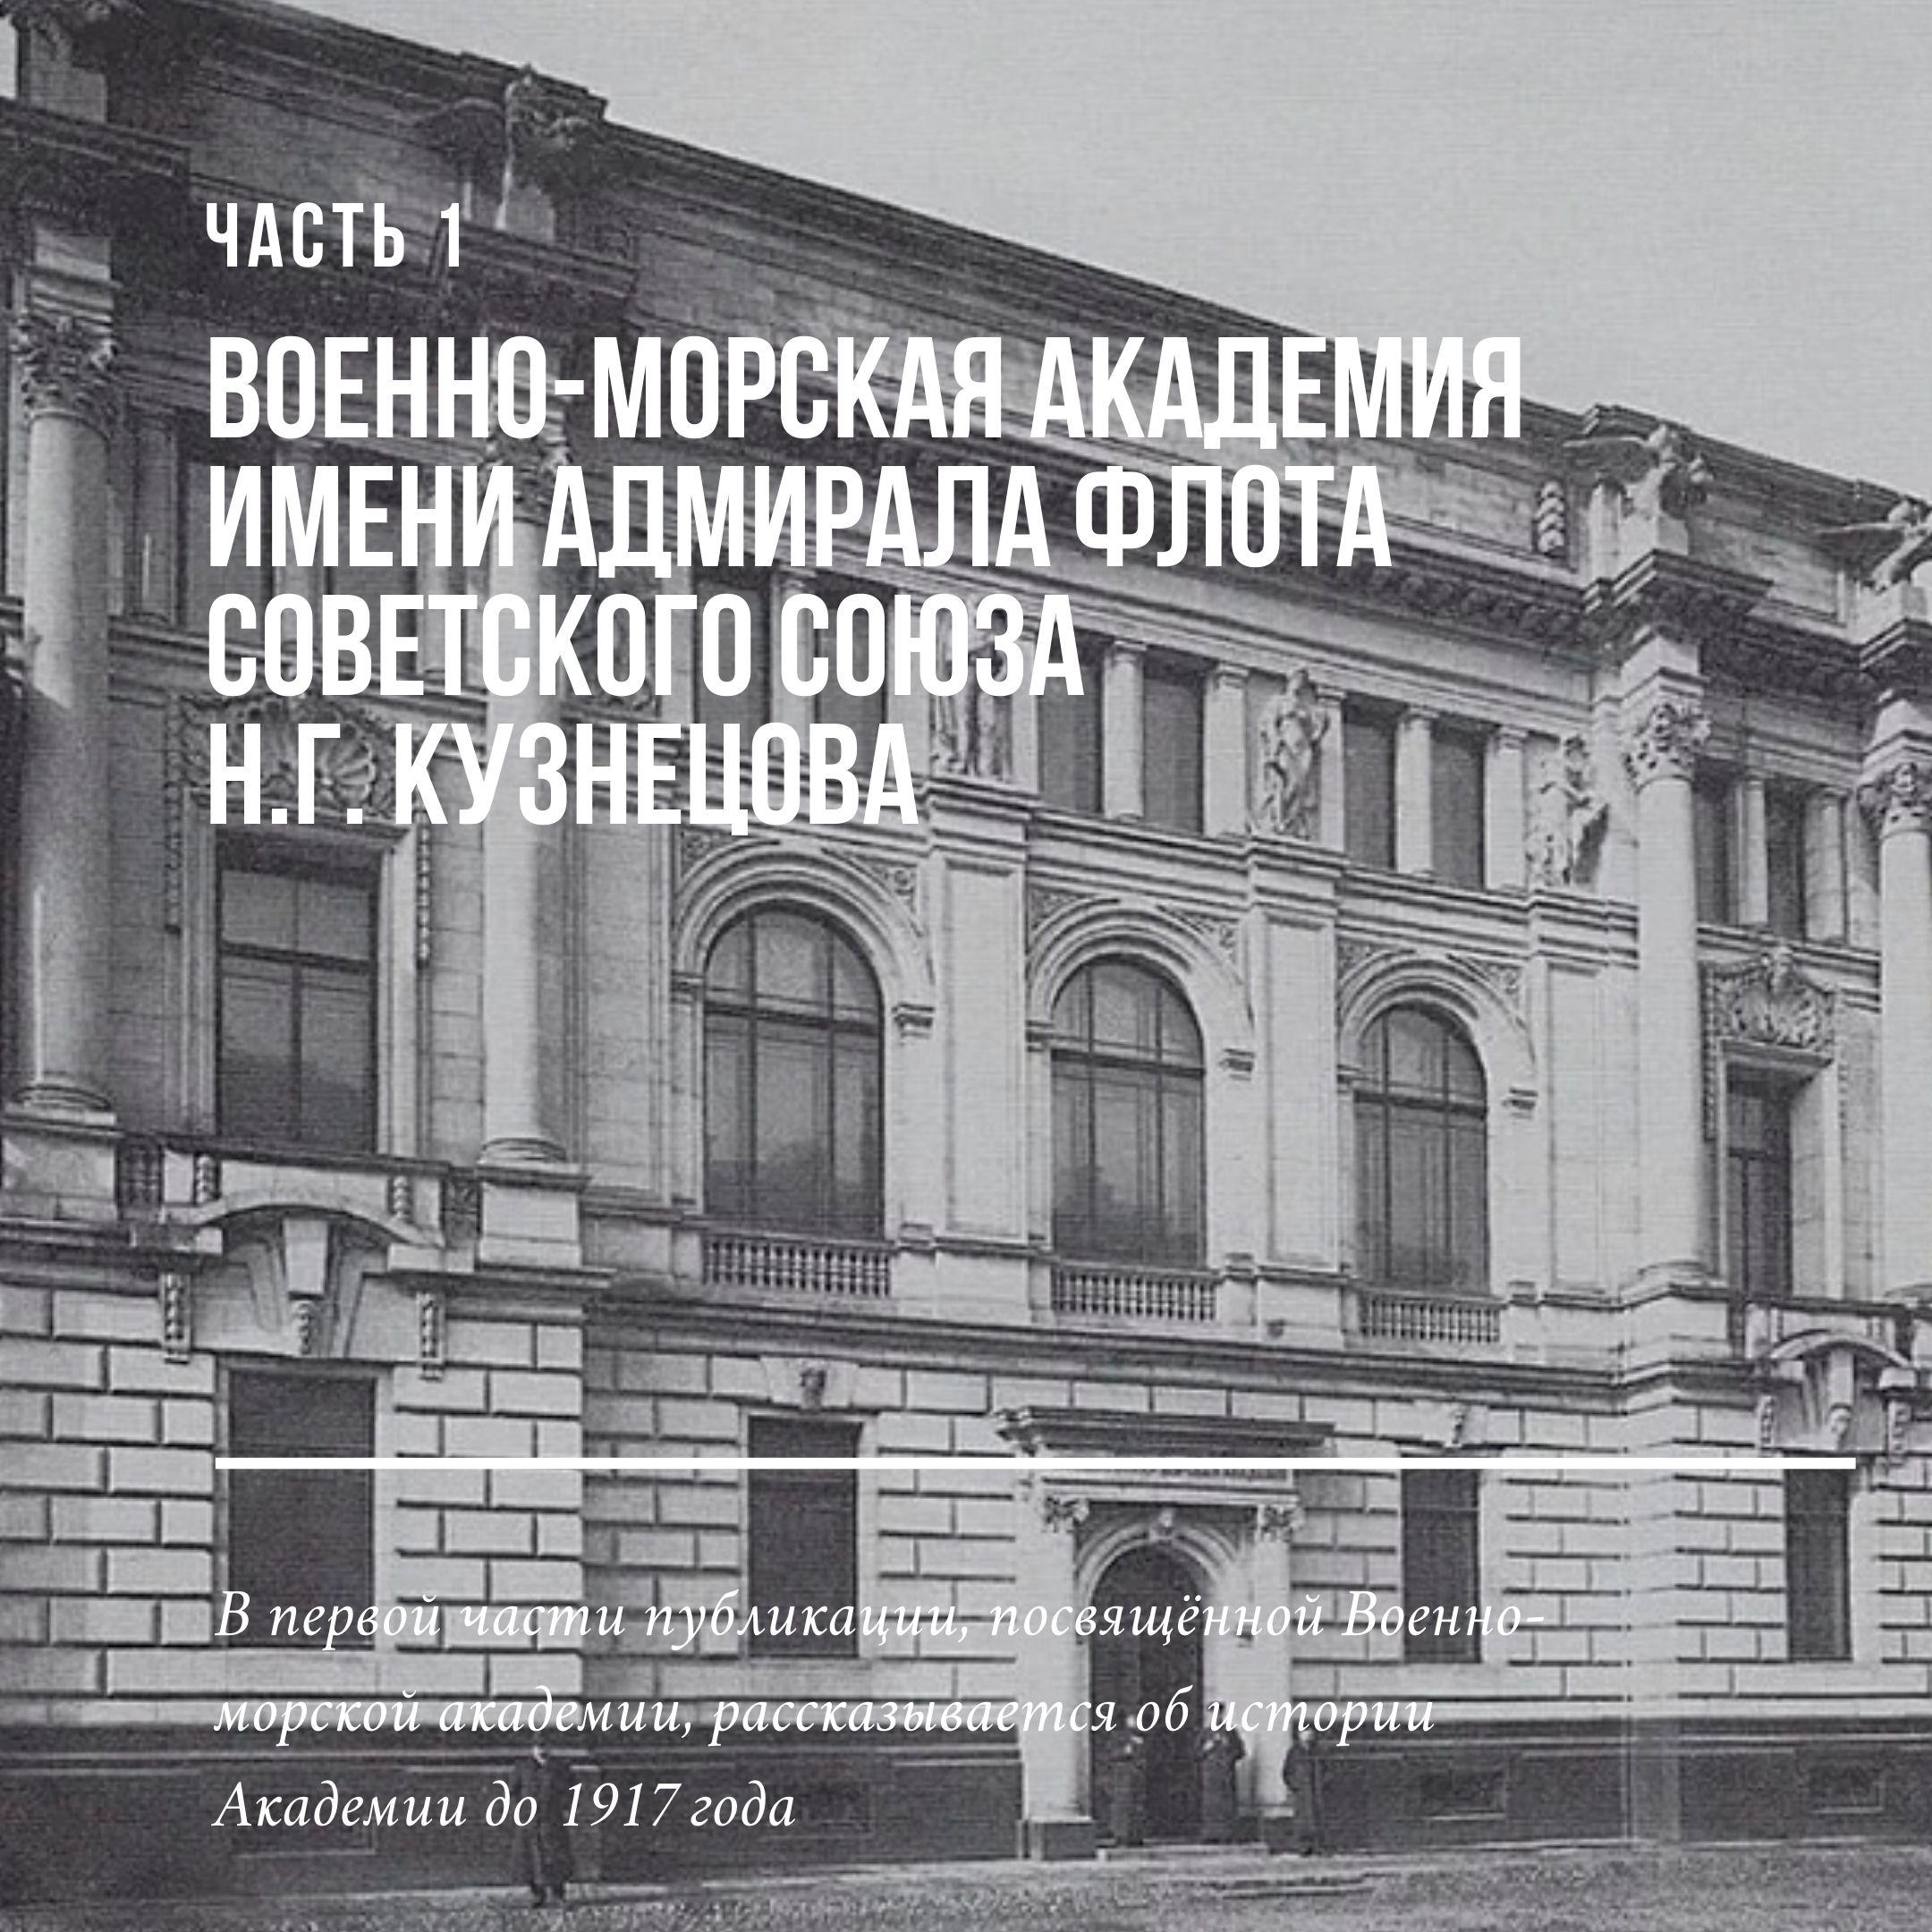 Военно-морская академия имени Адмирала Флота Советского Союза Н.Г. Кузнецова. Часть 1